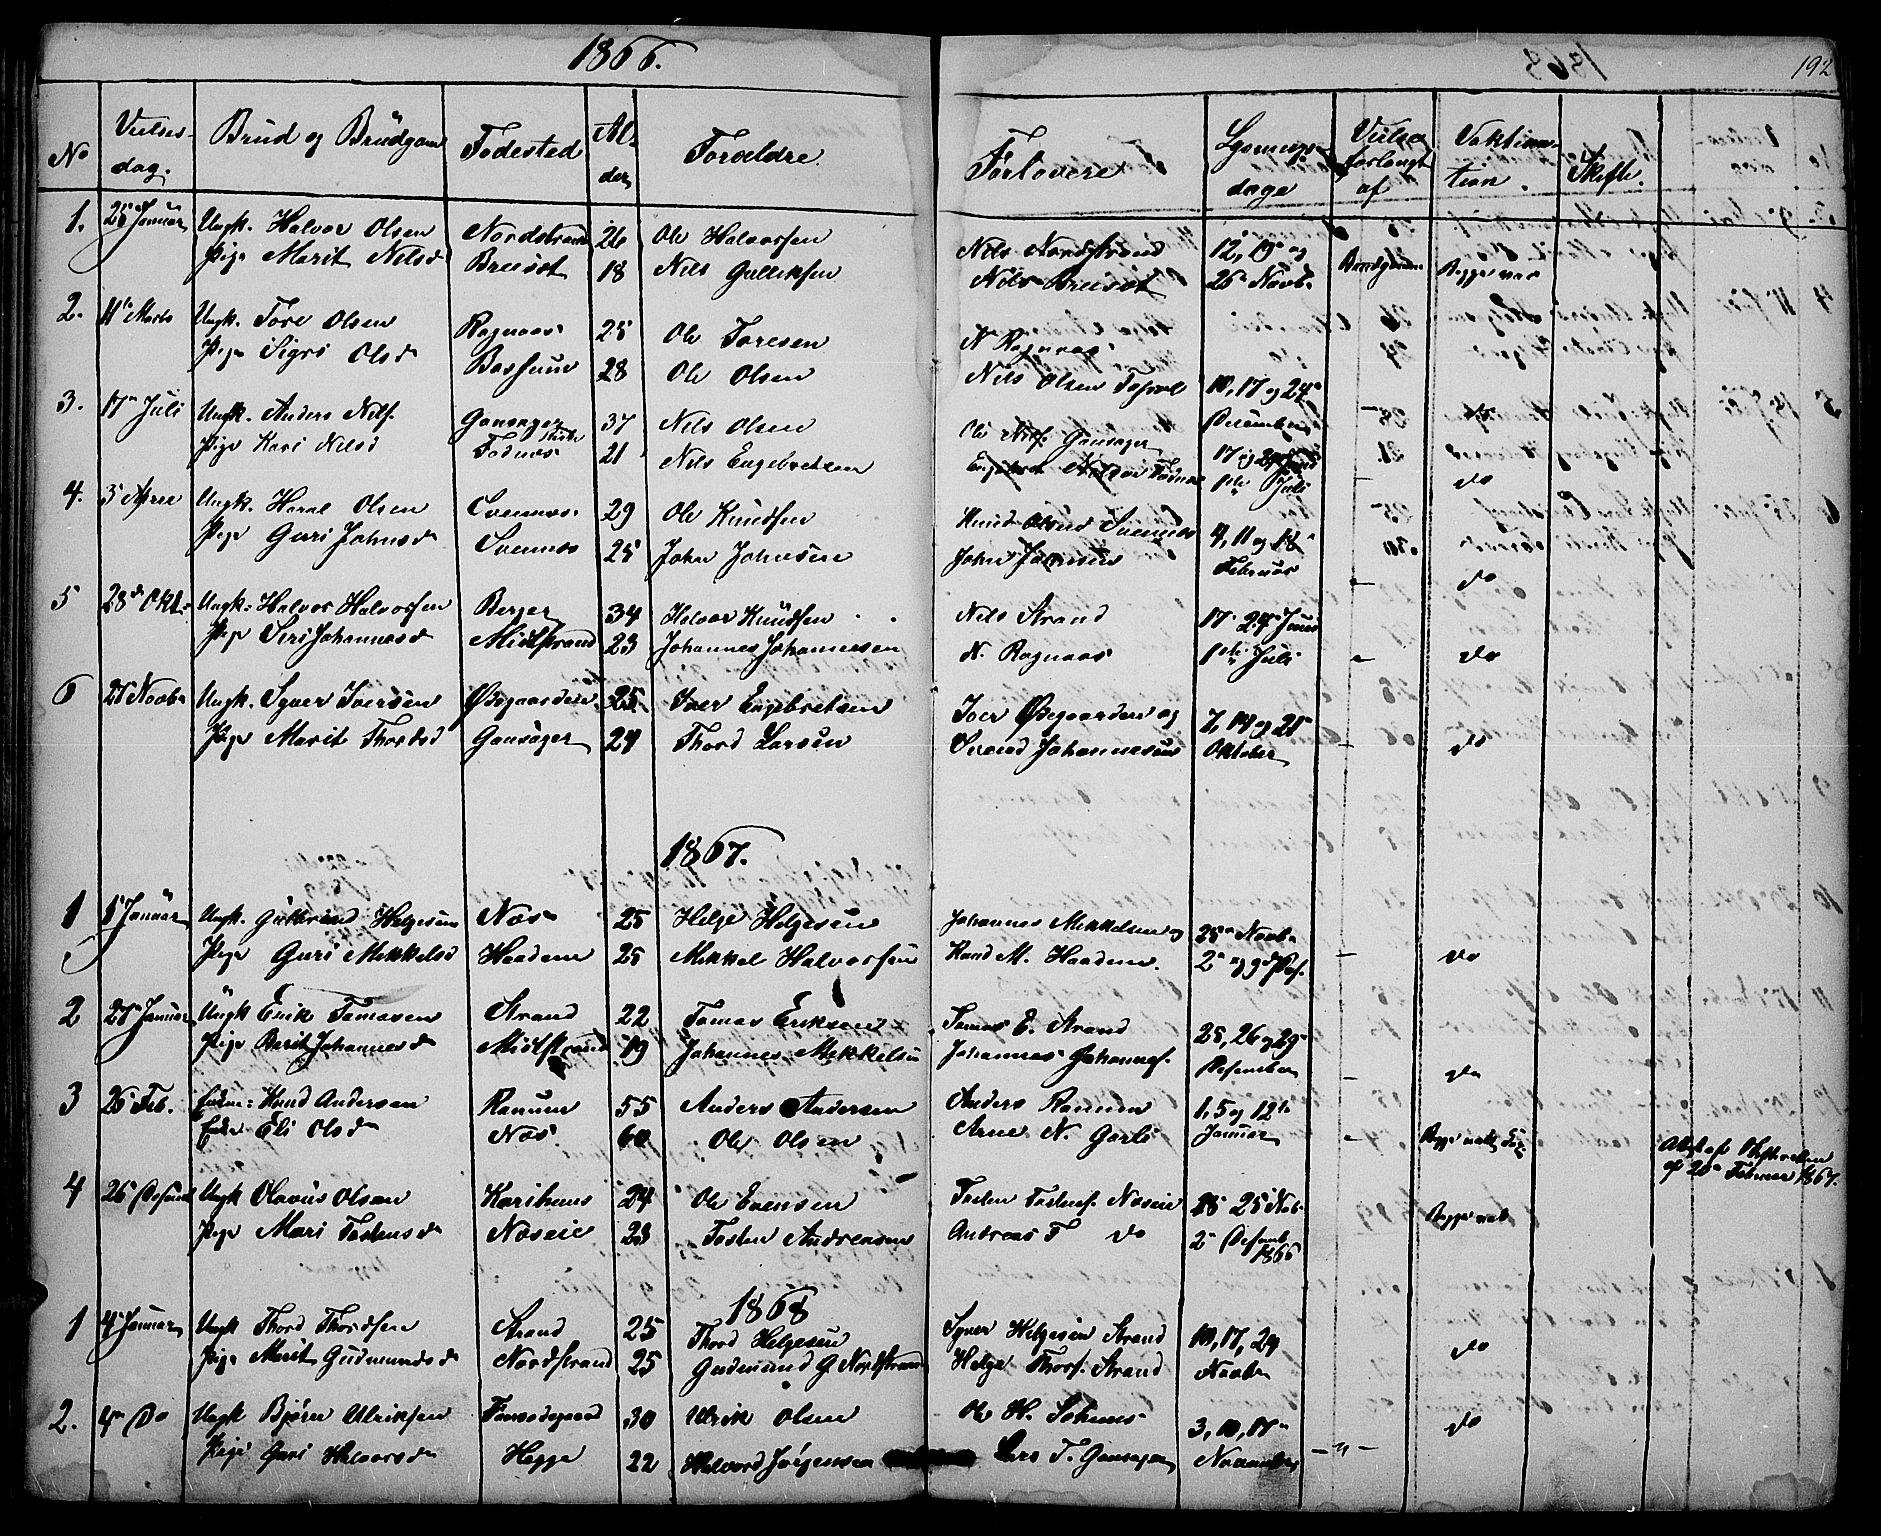 SAH, Nord-Aurdal prestekontor, Klokkerbok nr. 3, 1842-1882, s. 192